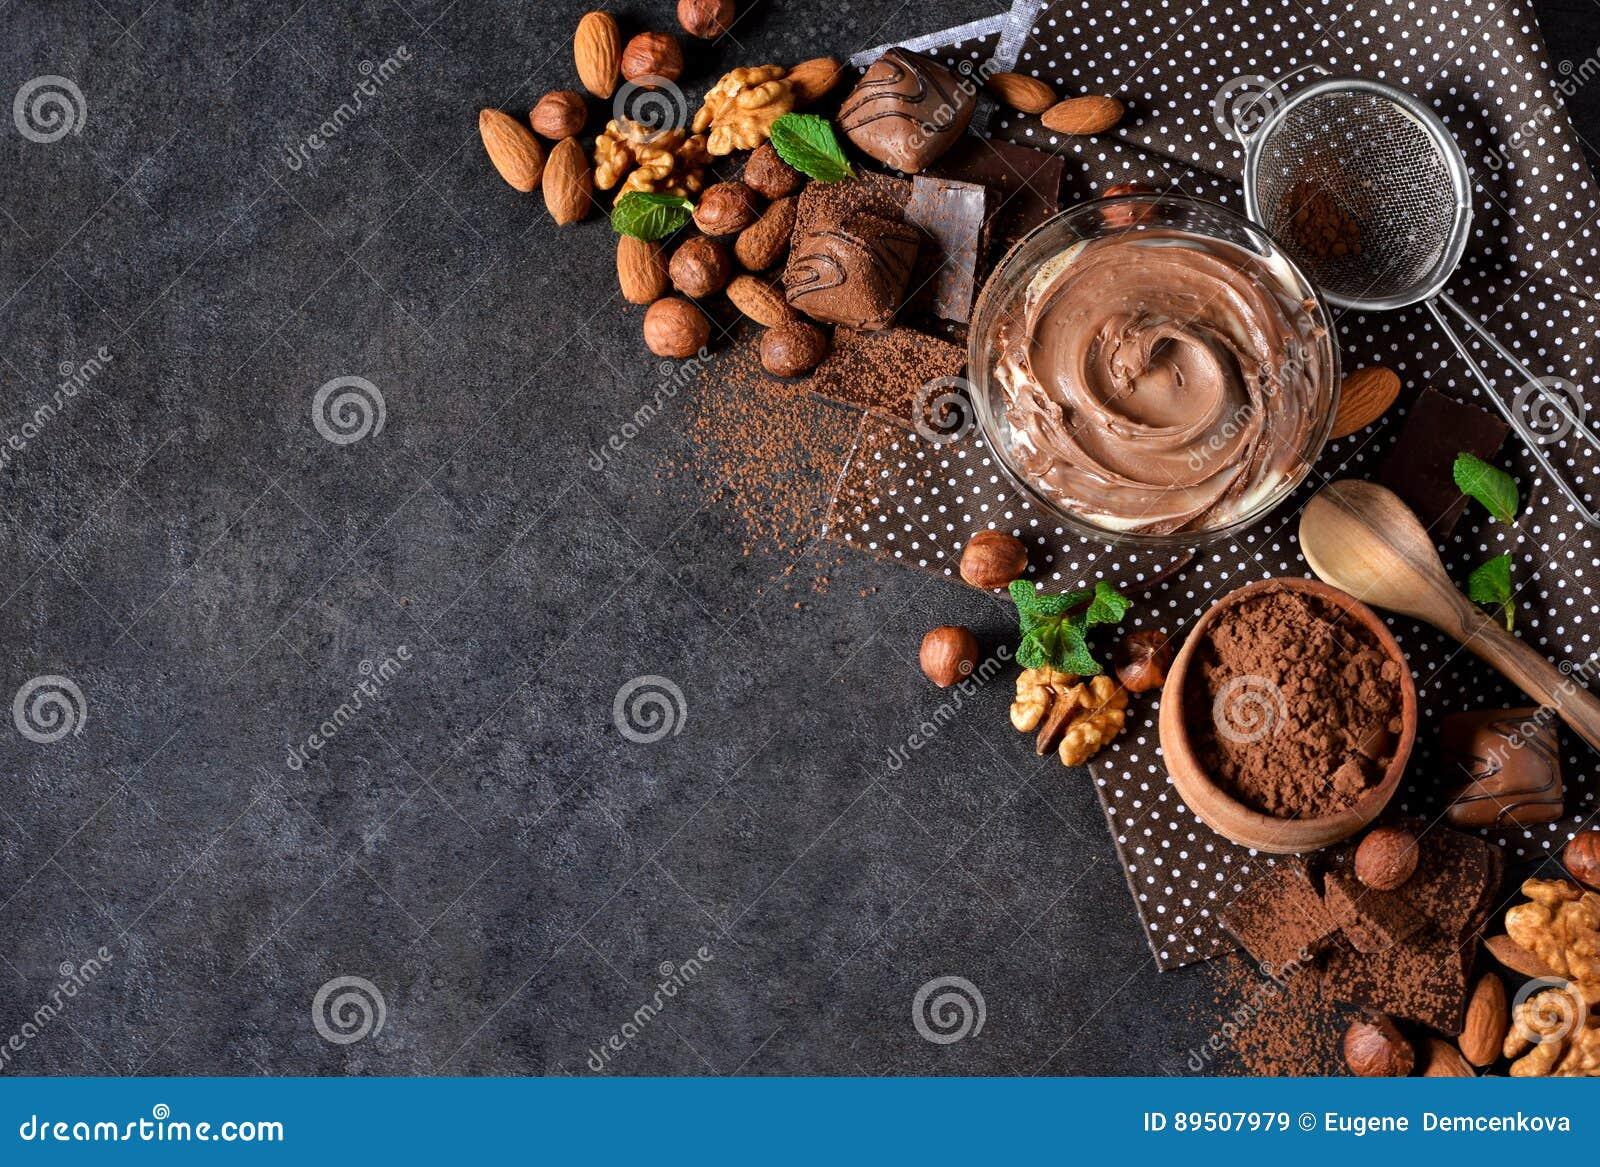 Μαύρο υπόβαθρο τροφίμων με το κακάο, τα καρύδια και τη σοκολάτα